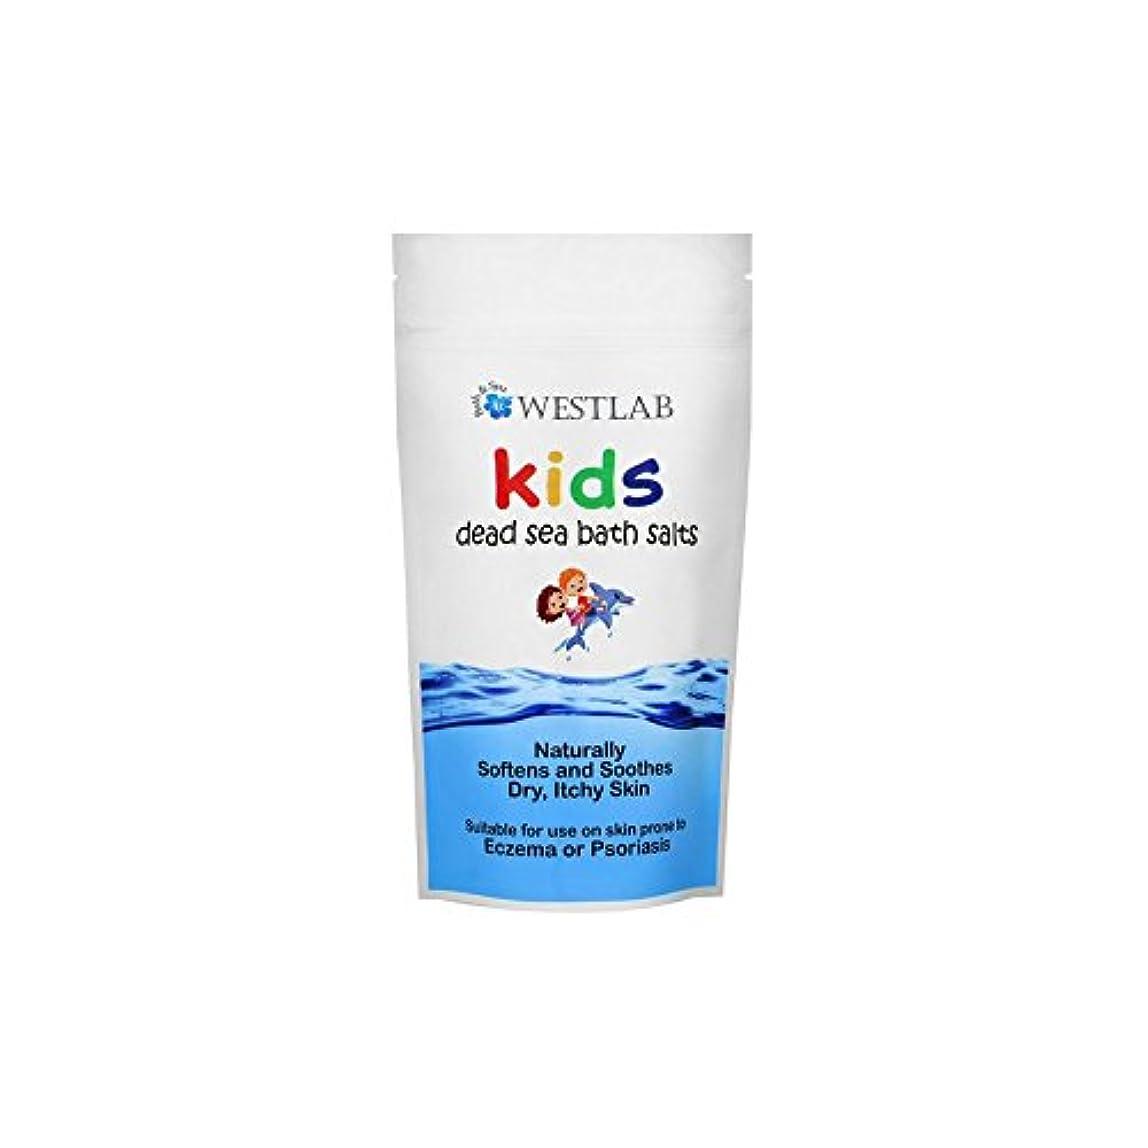 アミューズ逆にシェトランド諸島Westlab Kids Dead Sea Salt - 子供死海の塩 [並行輸入品]